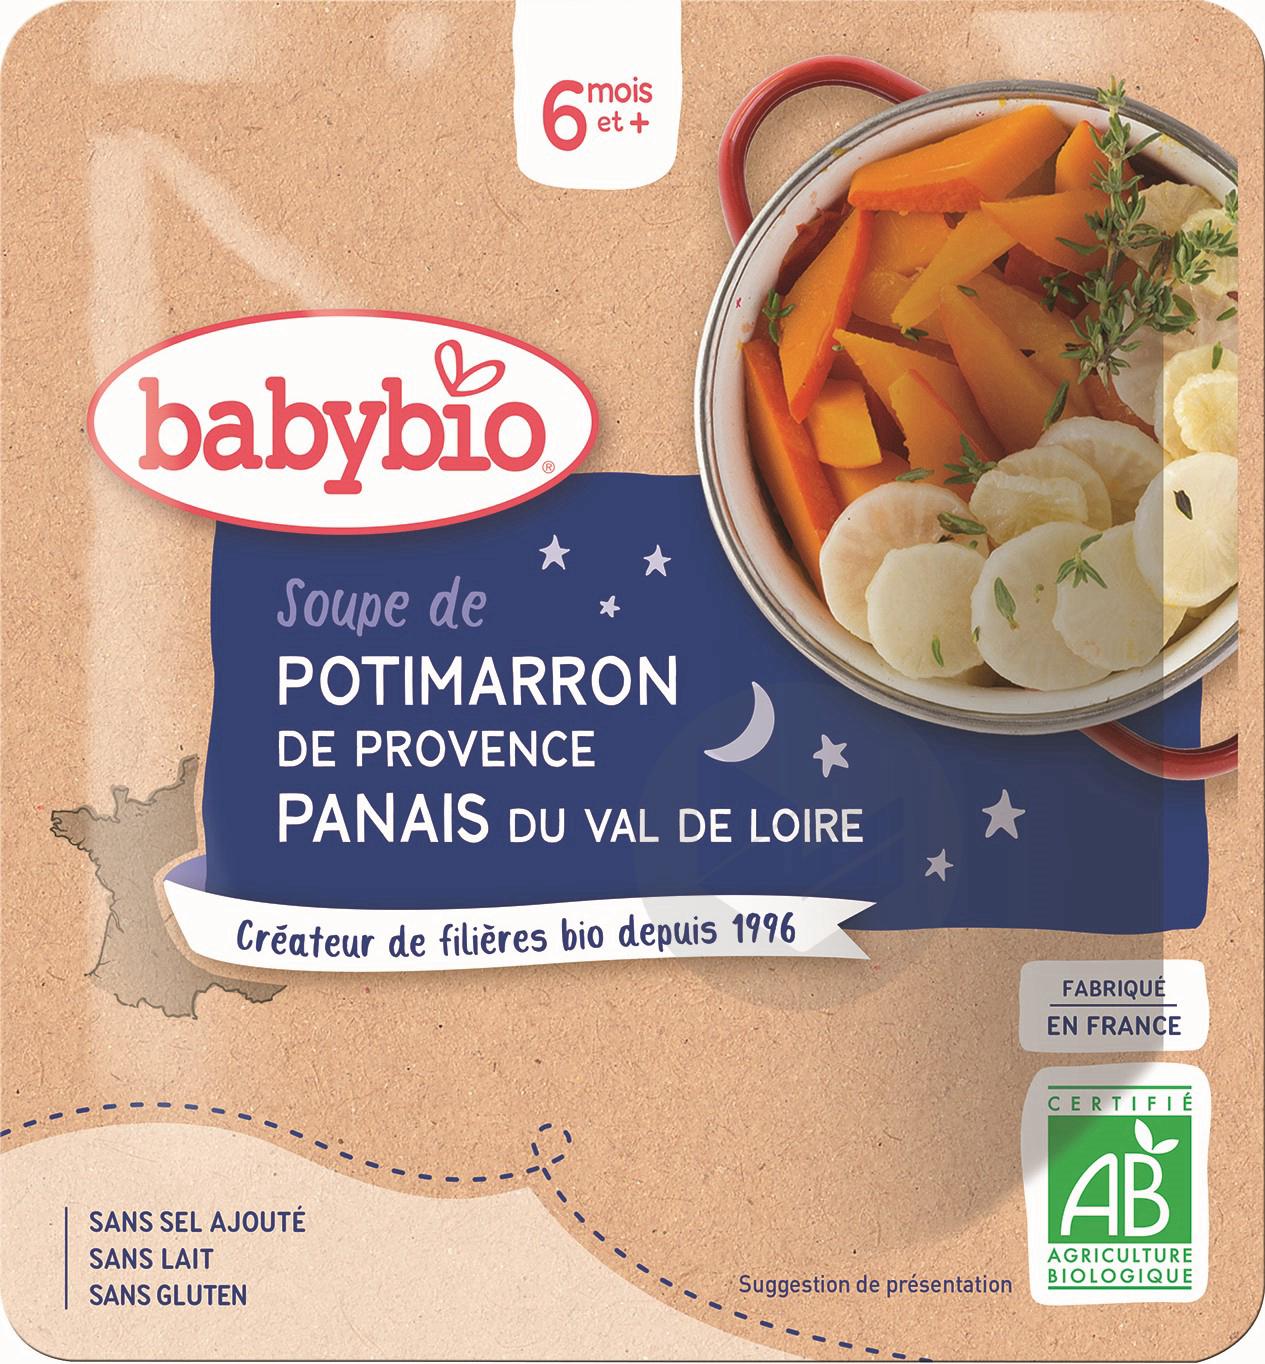 BABYBIO Poche Bonne Nuit Soupe Potimarron Panais